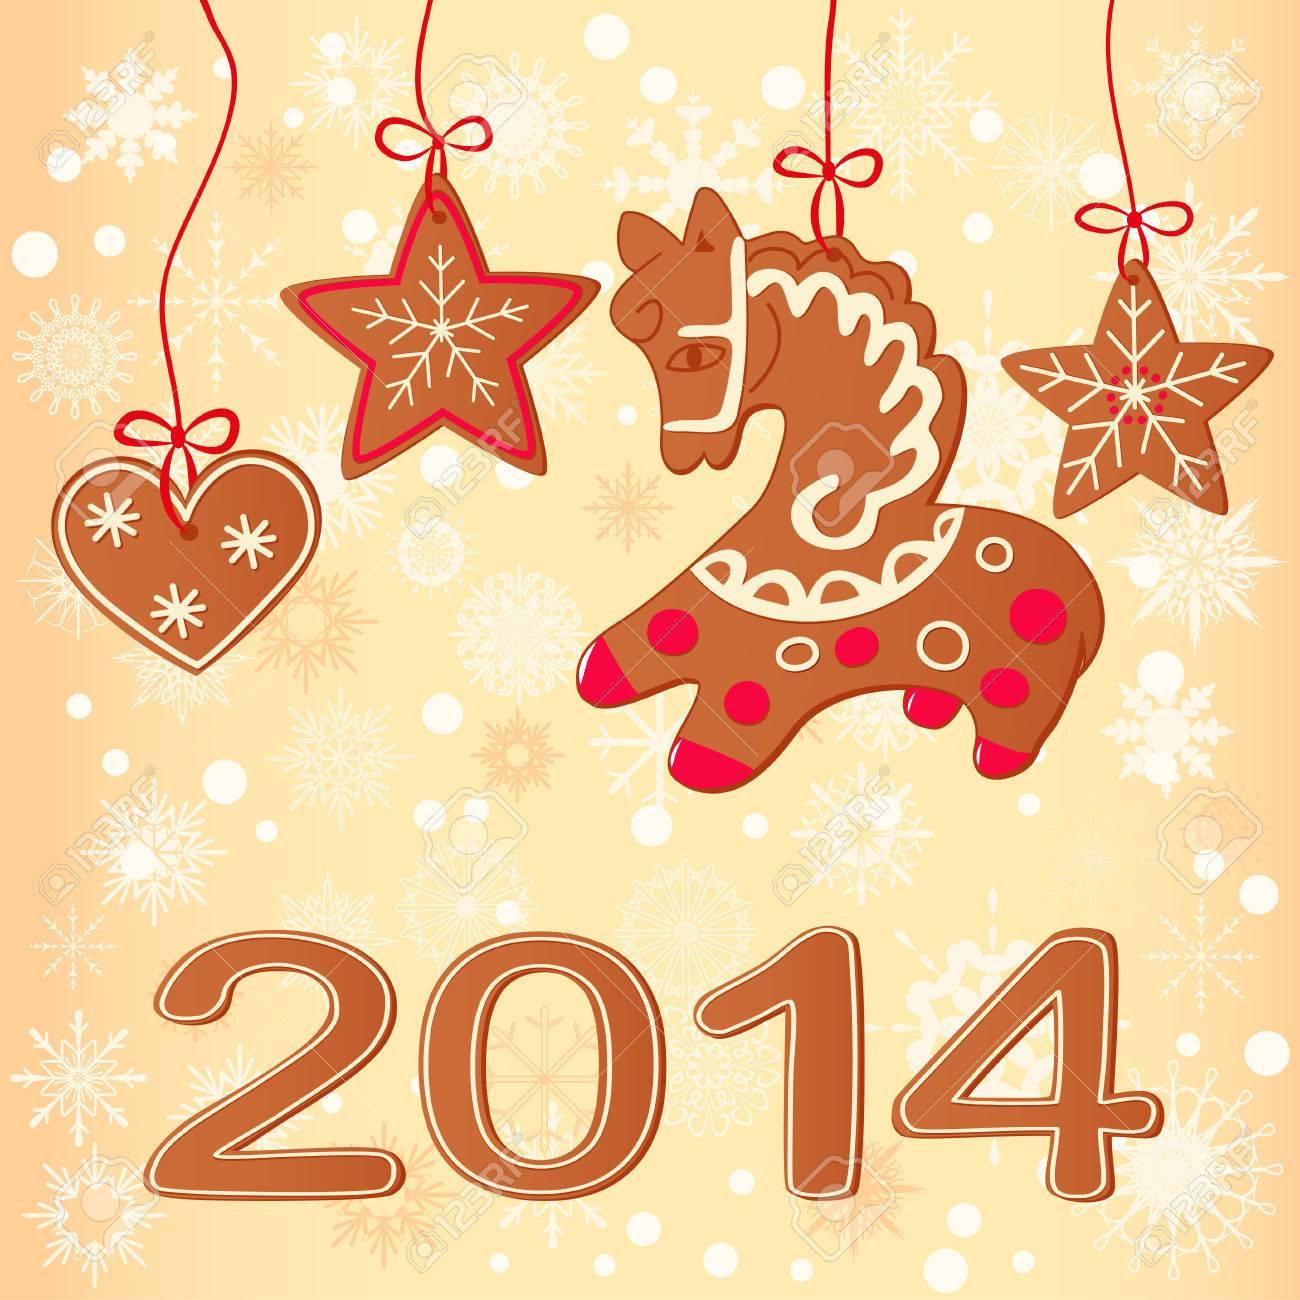 Merry christmas greeting card design christmas cookies royalty free merry christmas greeting card design christmas cookies stock vector 22242609 m4hsunfo